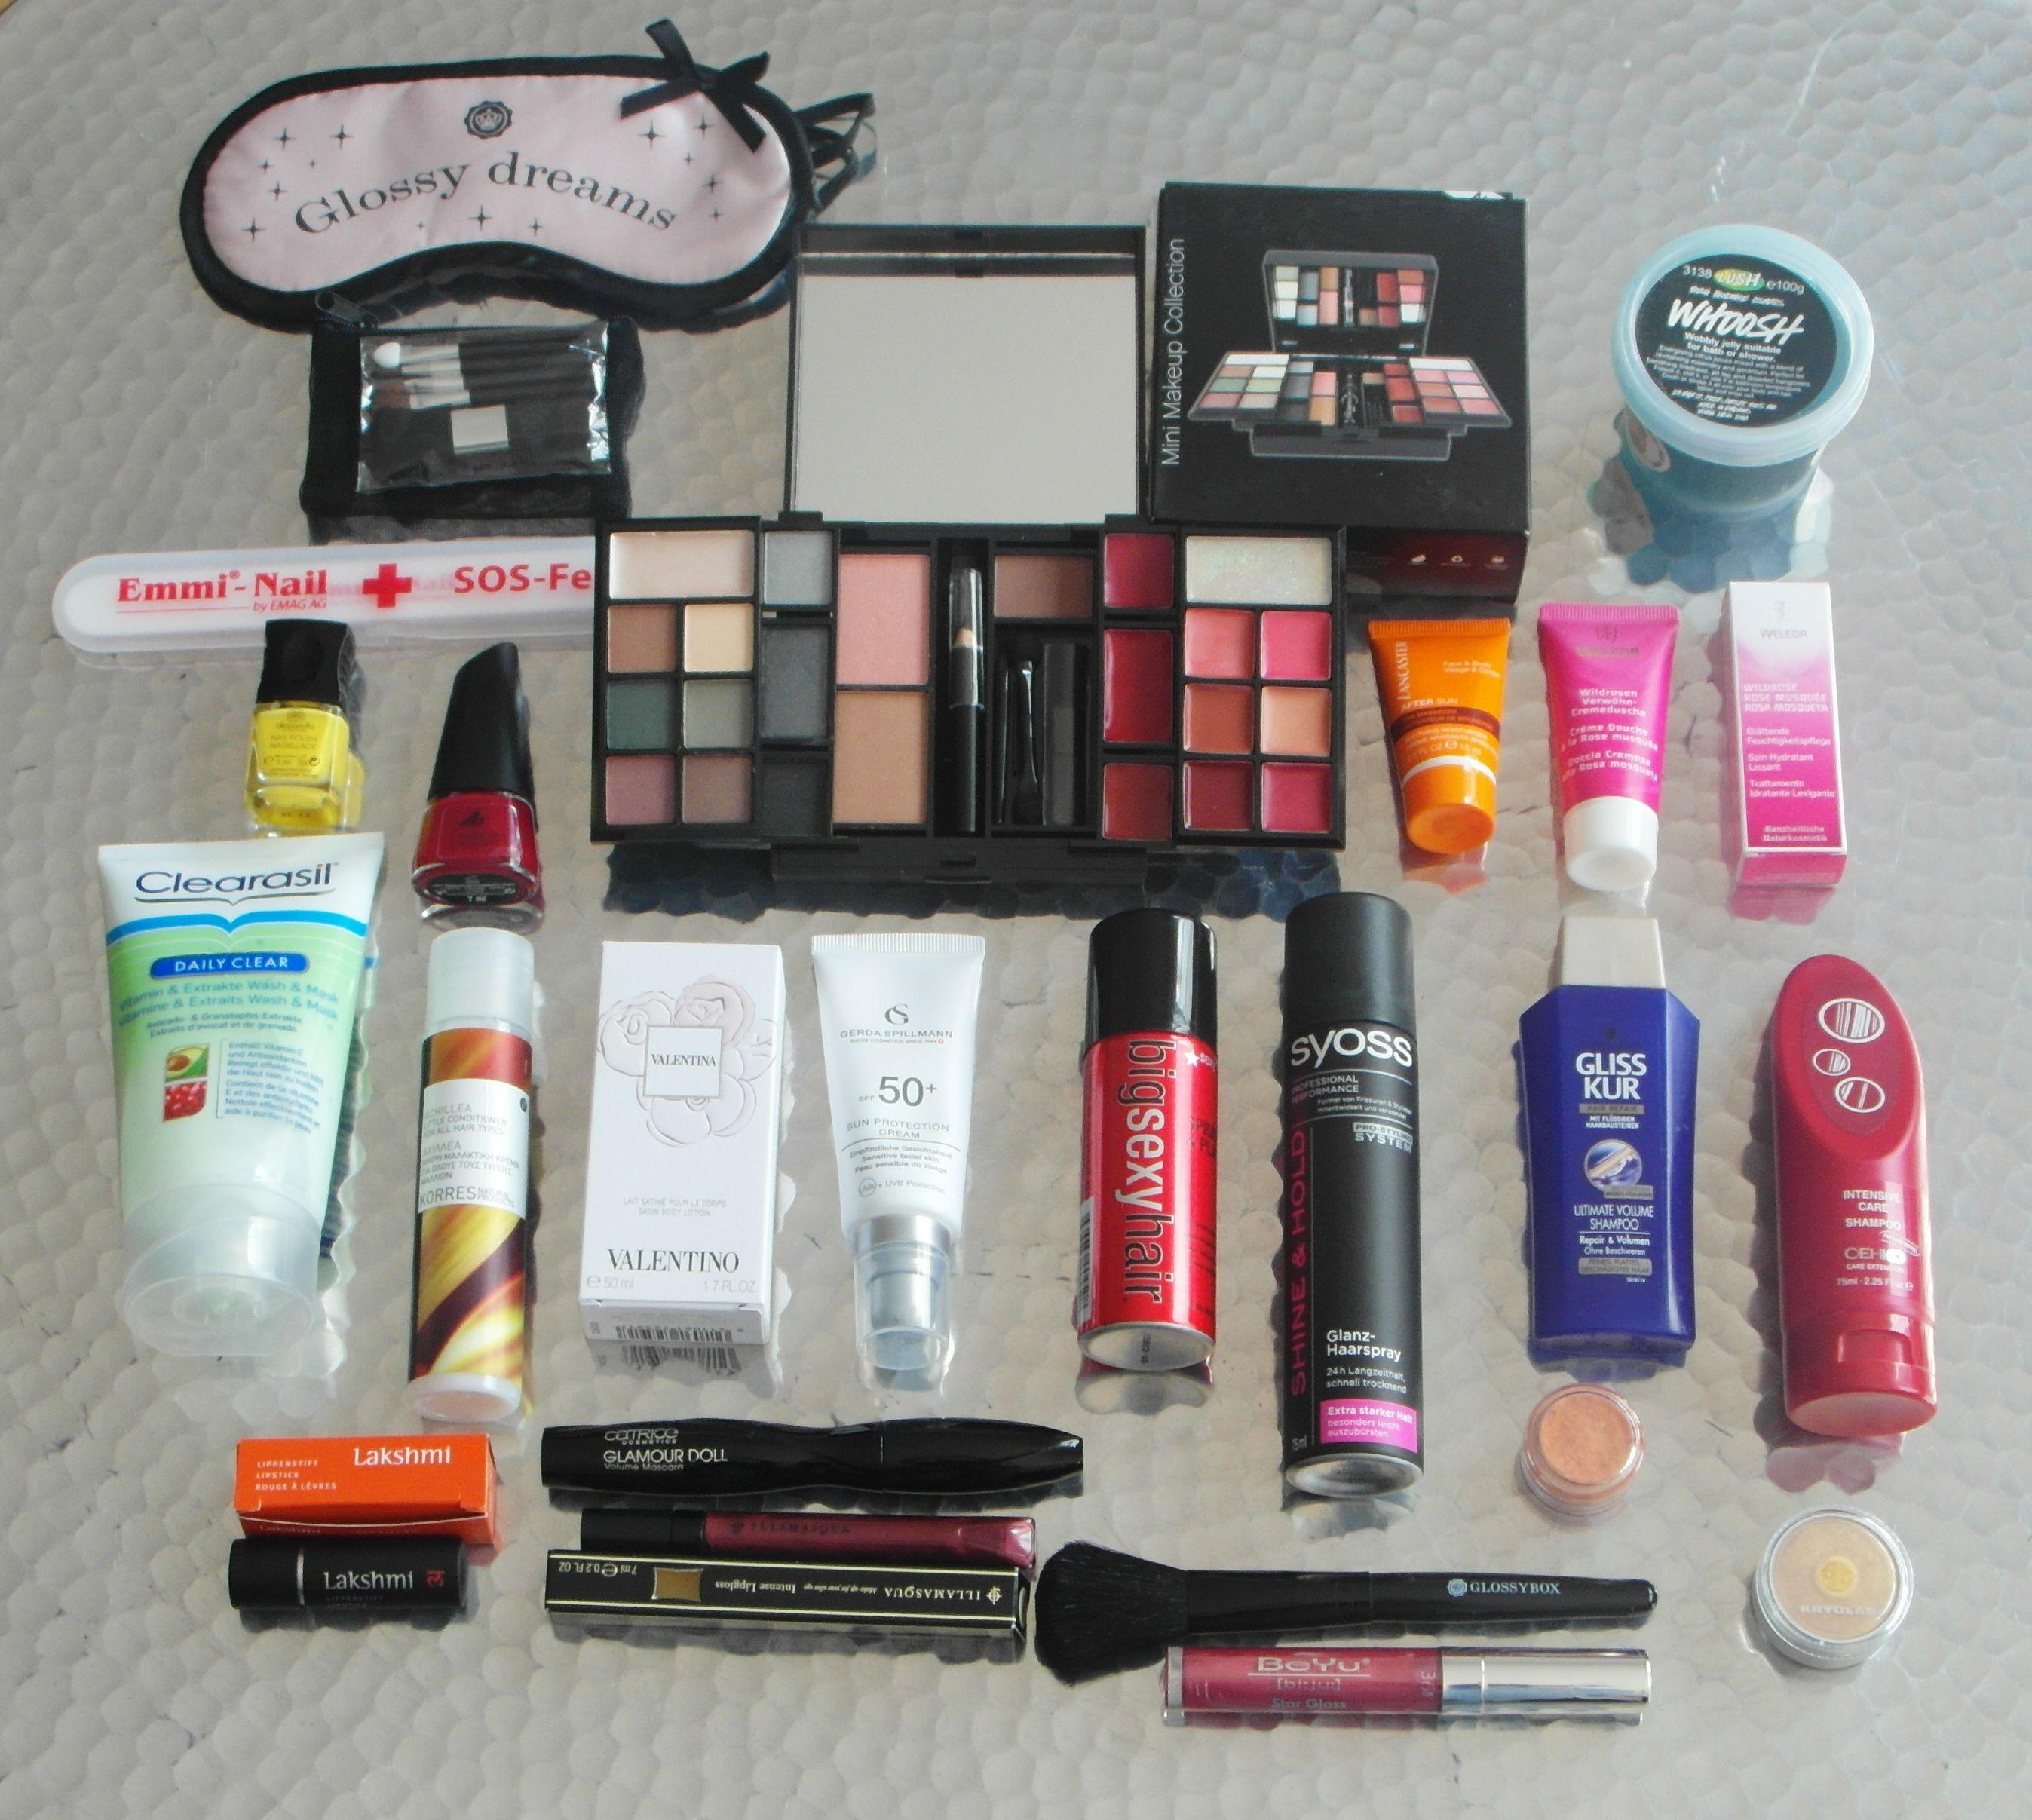 Gewinne eine grosse Beautybox: http://justynagrund.blogspot.ch/2012/09/Gewinnspiel.html